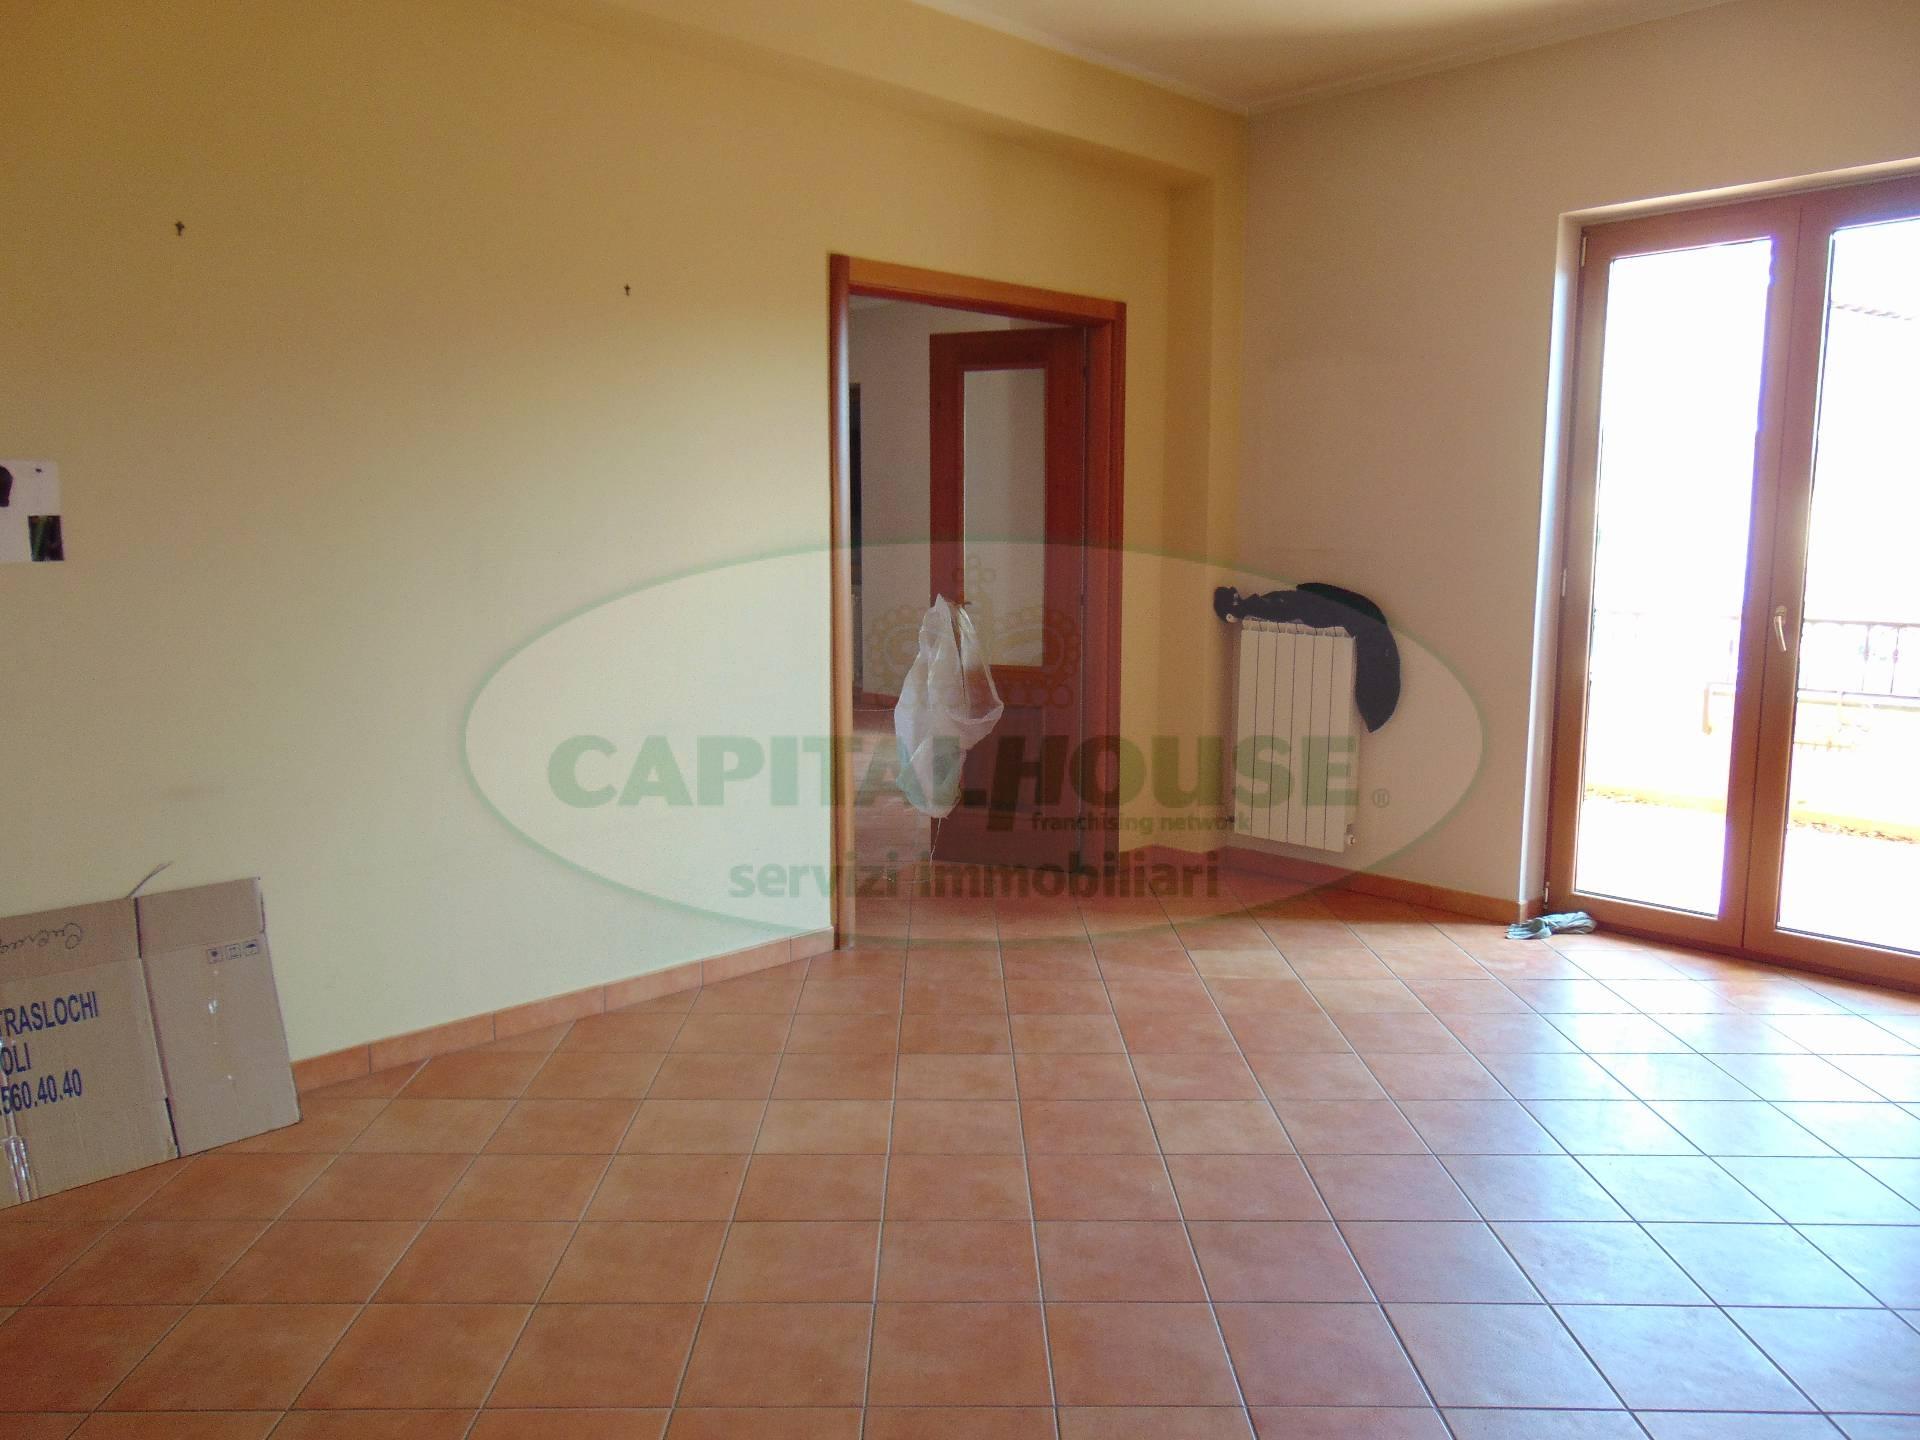 Appartamento in affitto a Avella, 4 locali, prezzo € 600 | CambioCasa.it